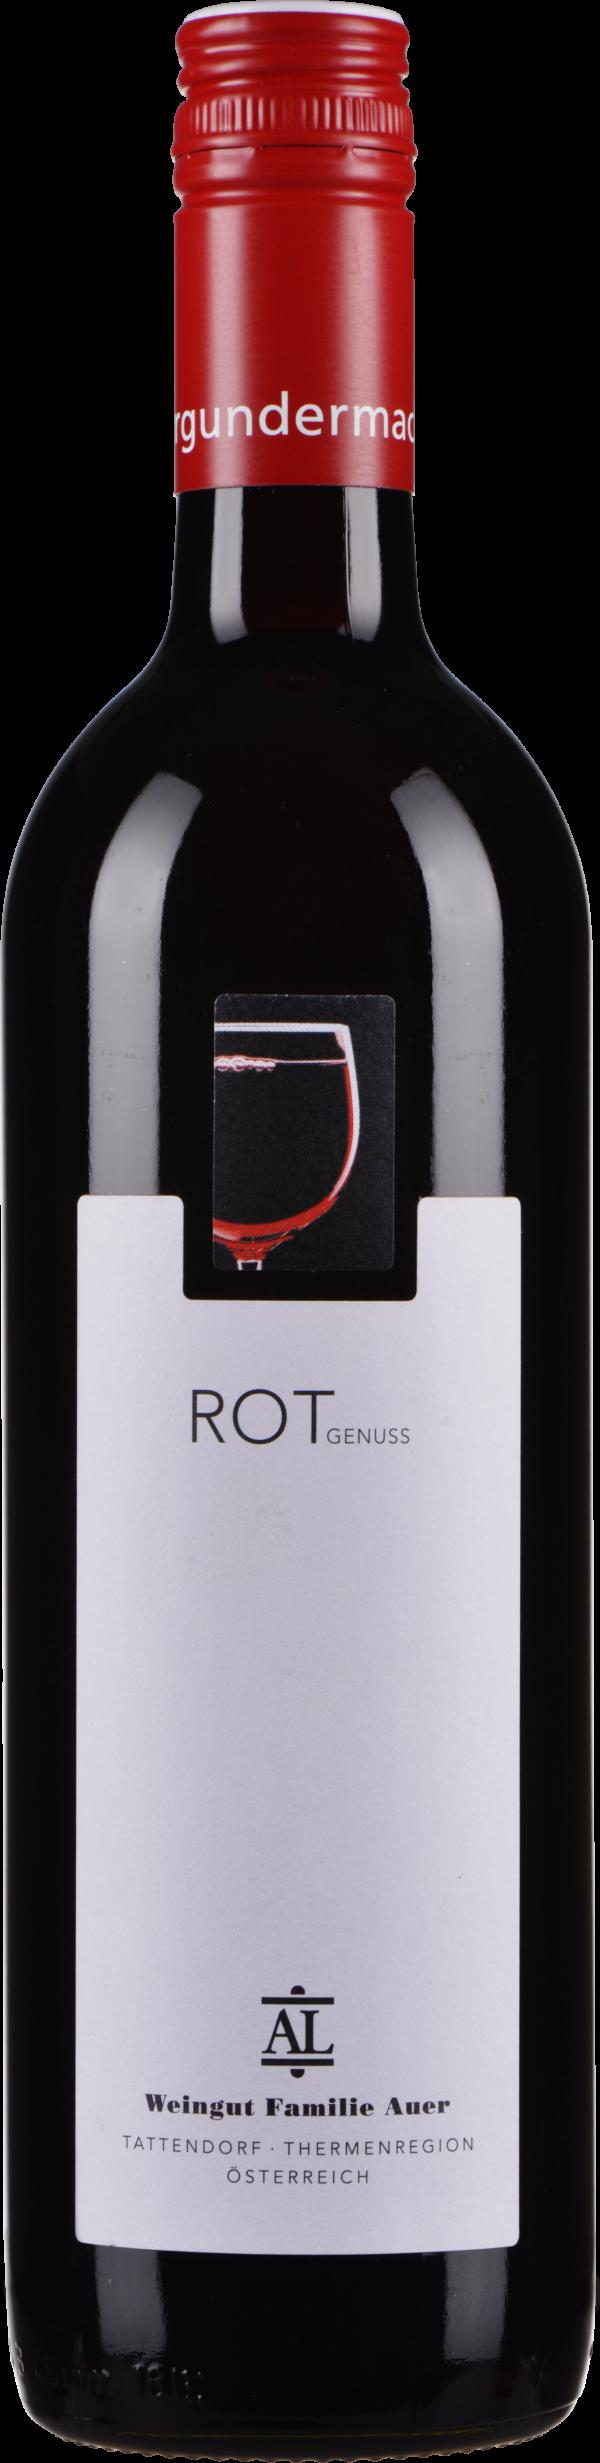 Weingut Auer RotGenuss